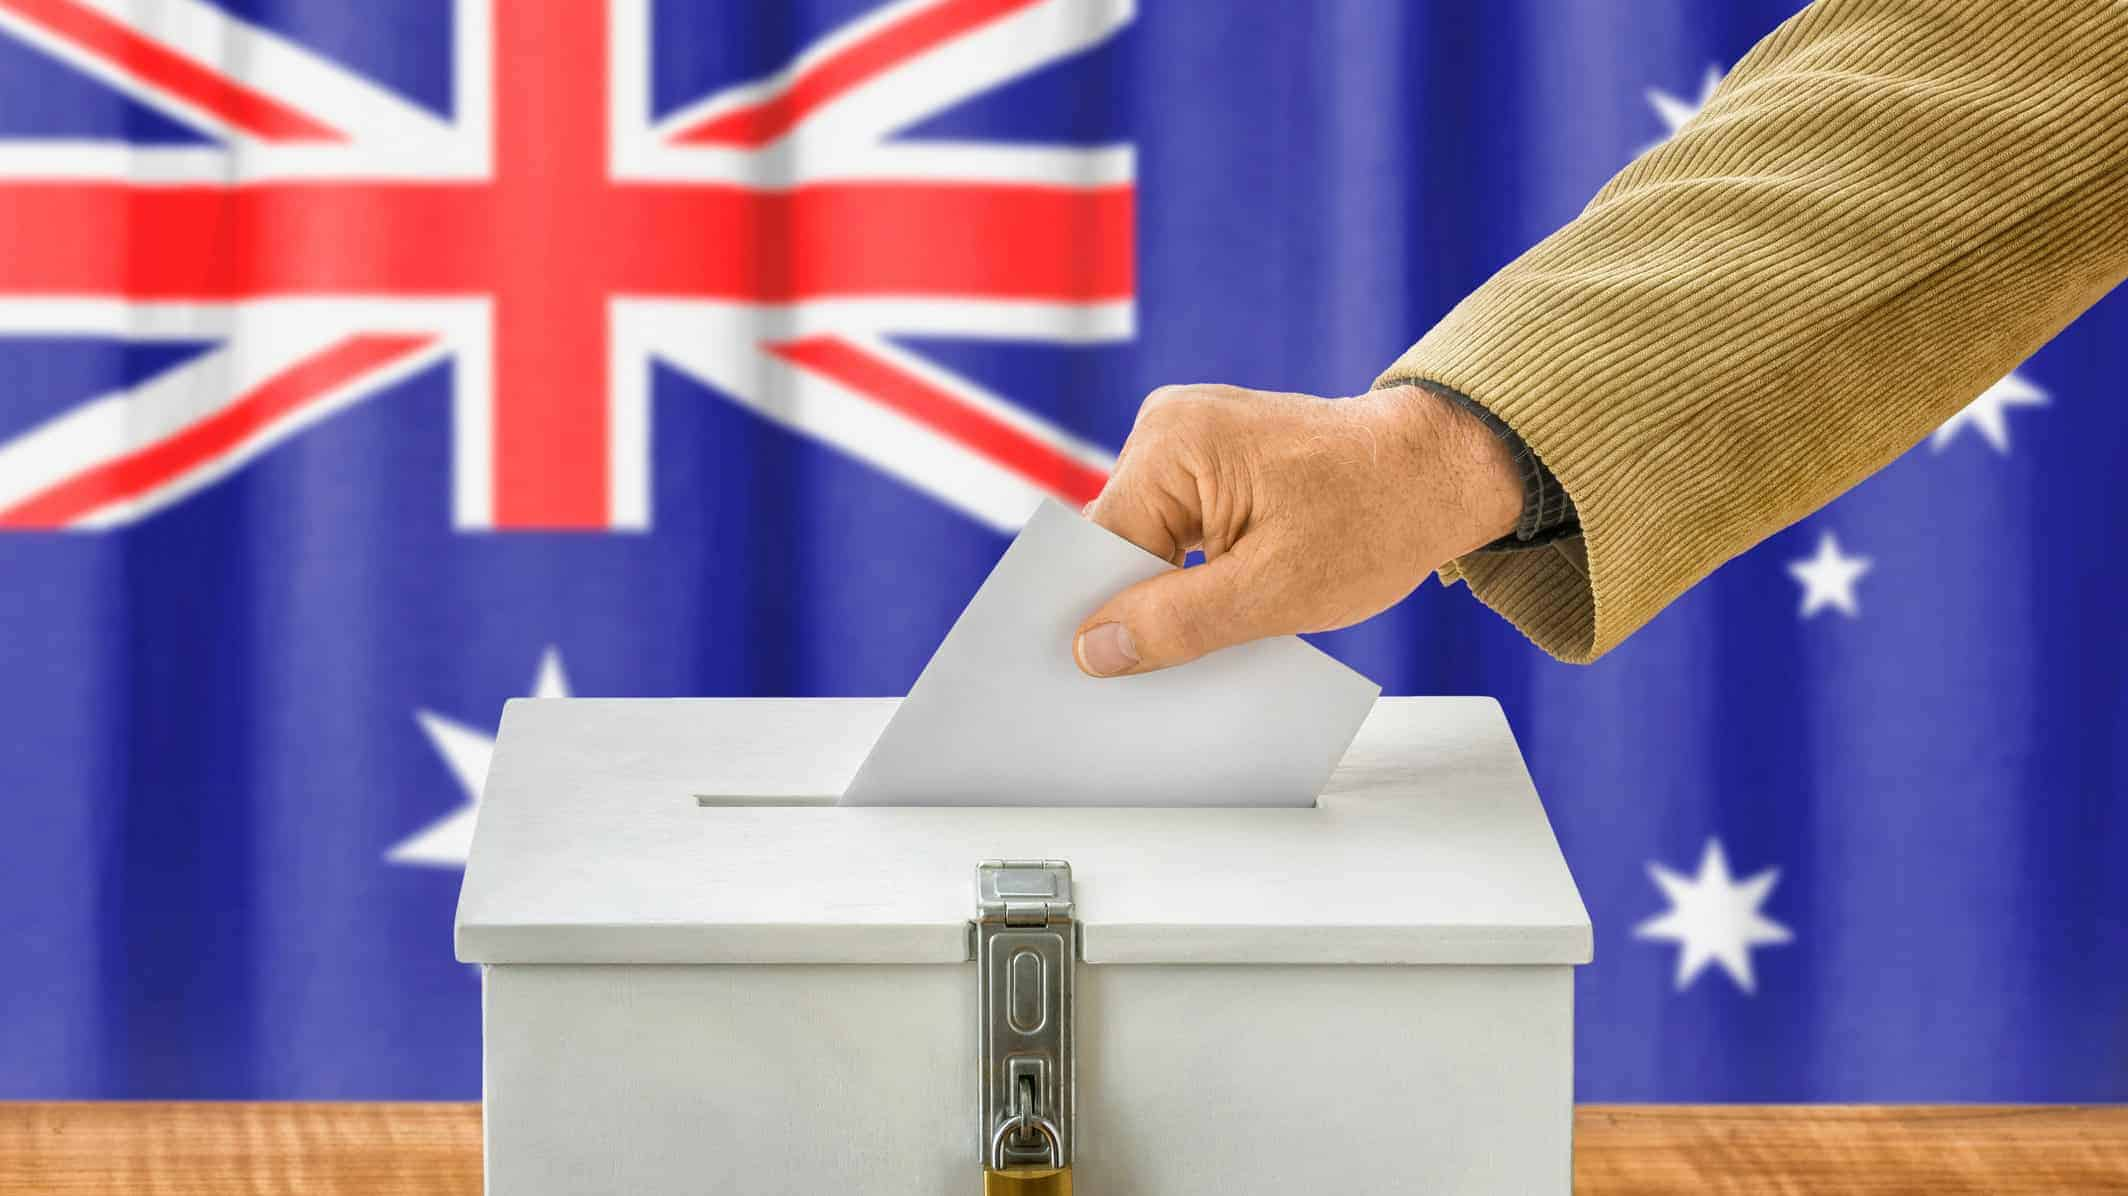 مهلت ثبت نام برای شرکت در انتخابات فدرال تا ساعت 8 امشب